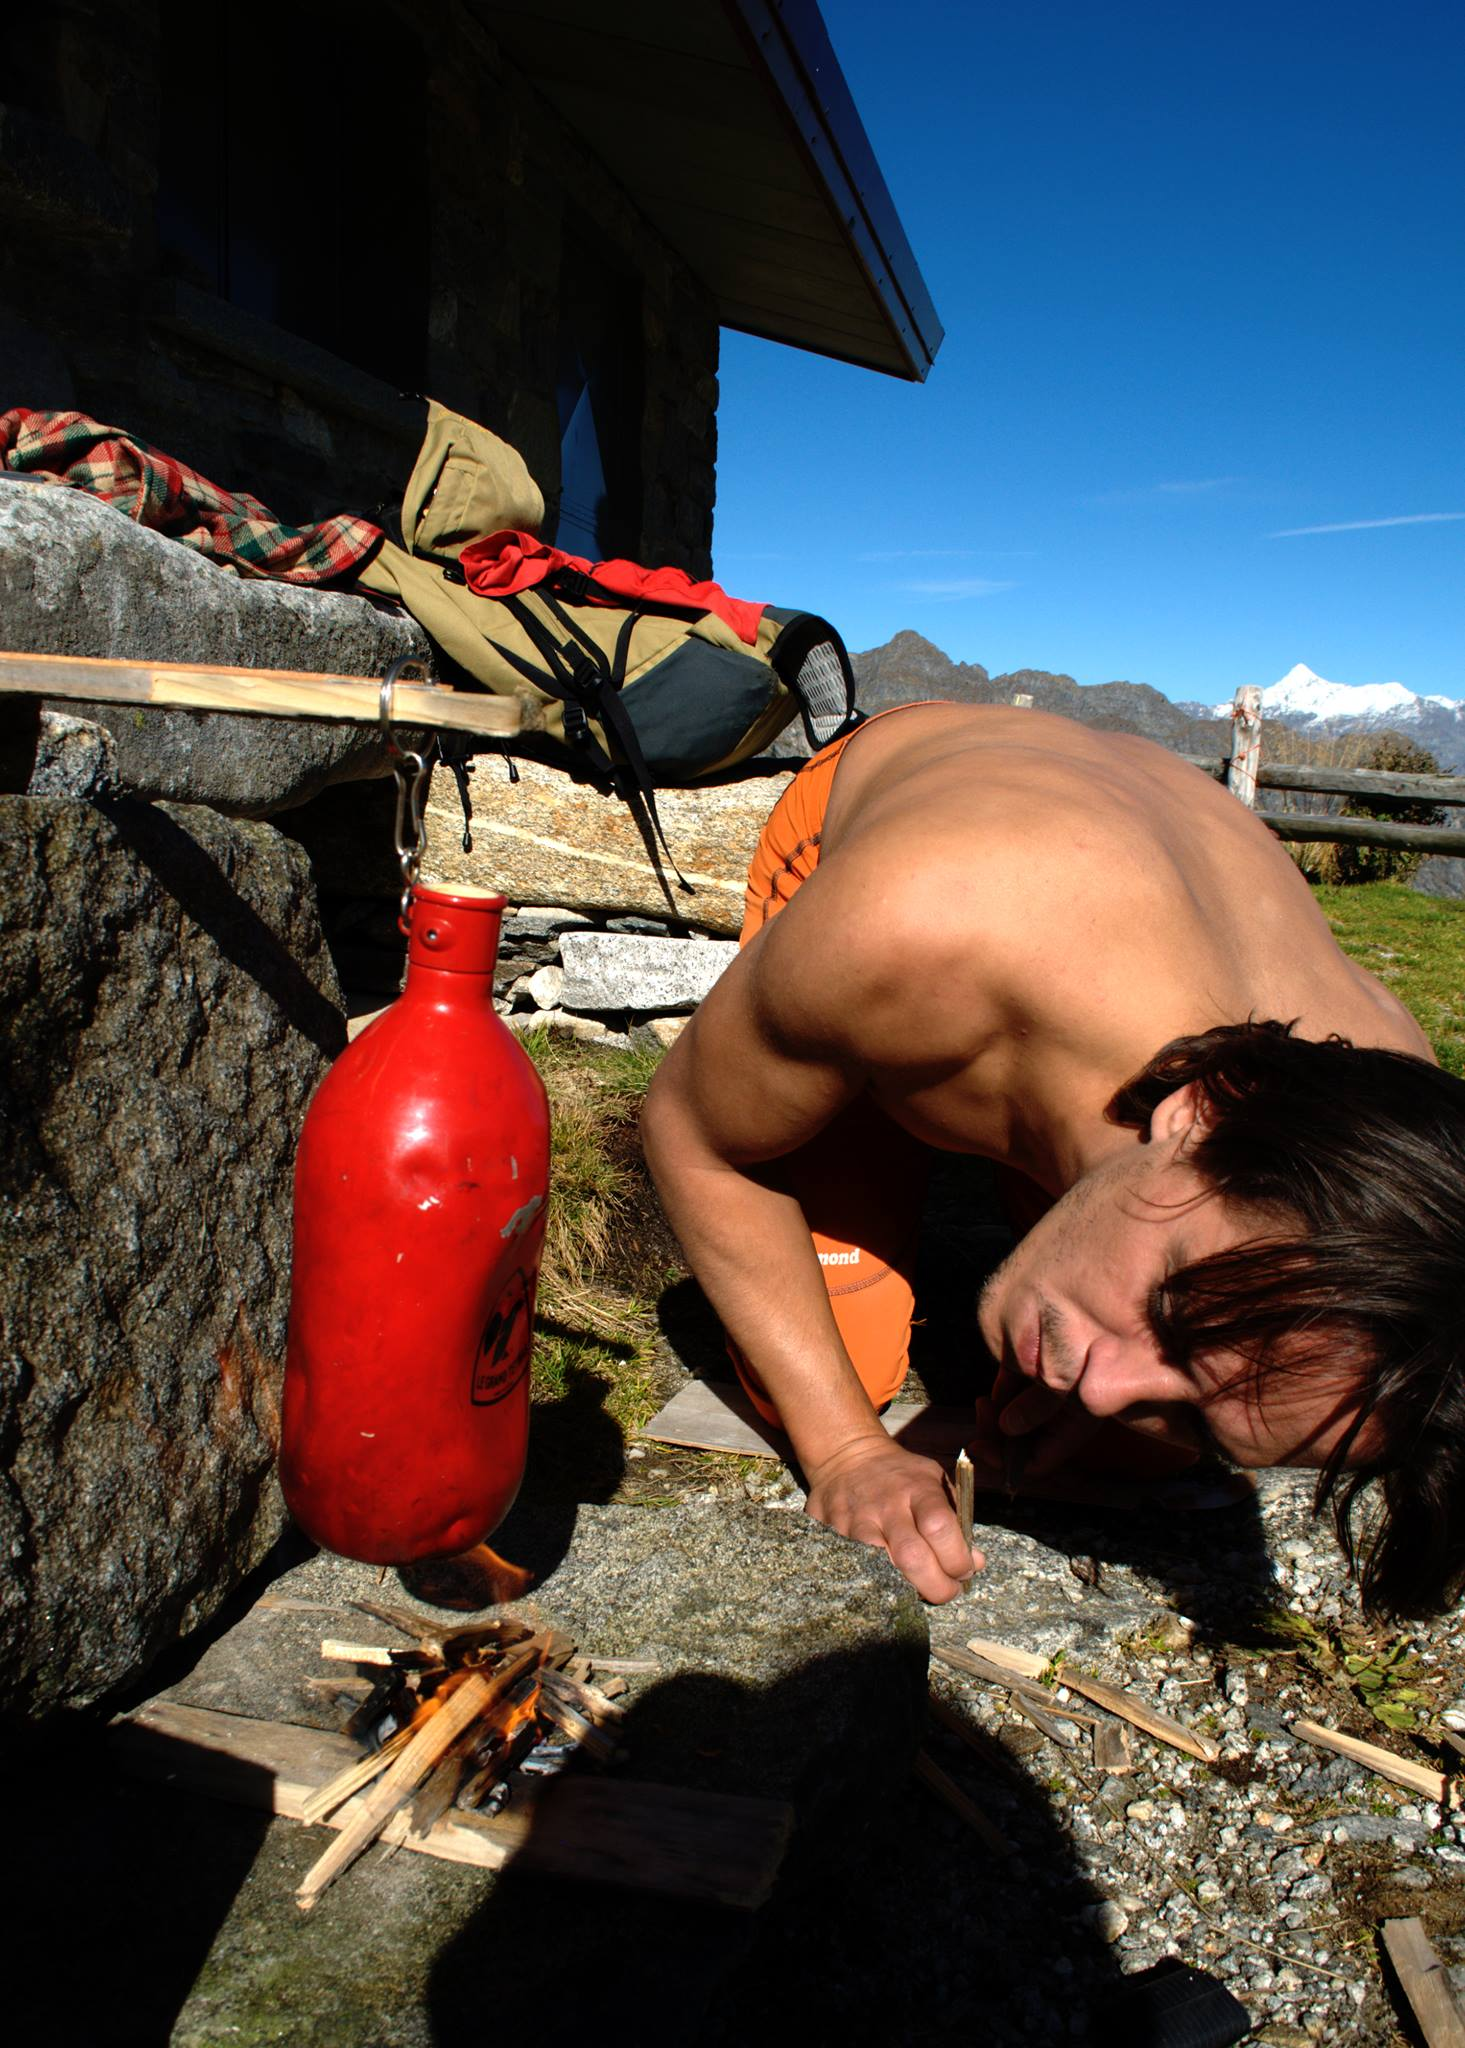 Soffio scout per tenere alta la fiamma e borraccia con l'acqua posizionata sopra con l'obiettivo di farci un bel the caldo